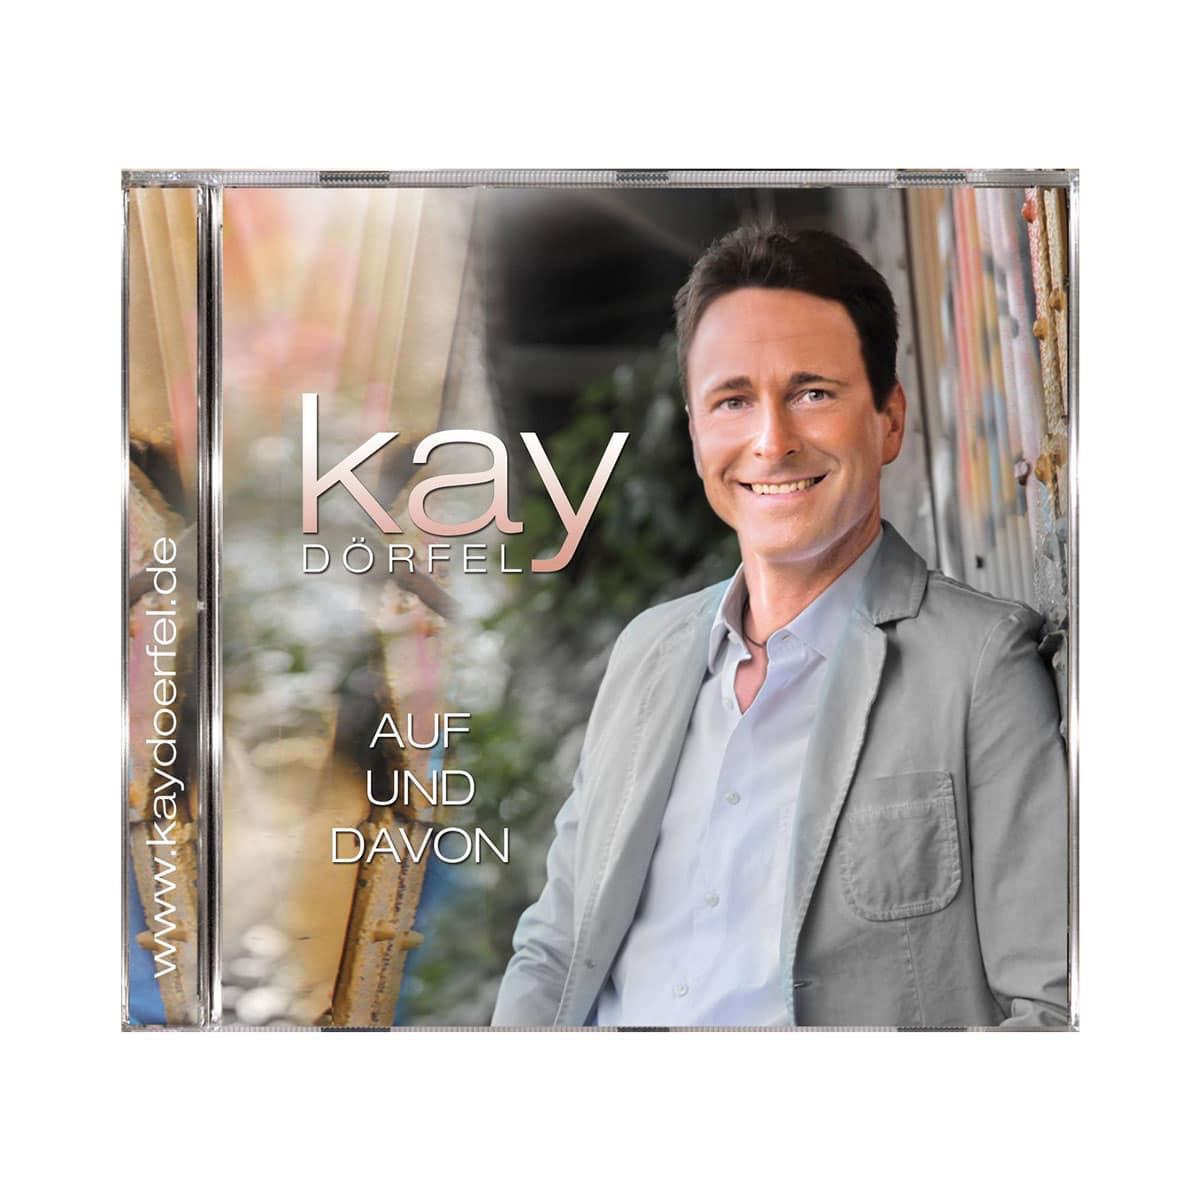 kay dörfel cd auf und davon